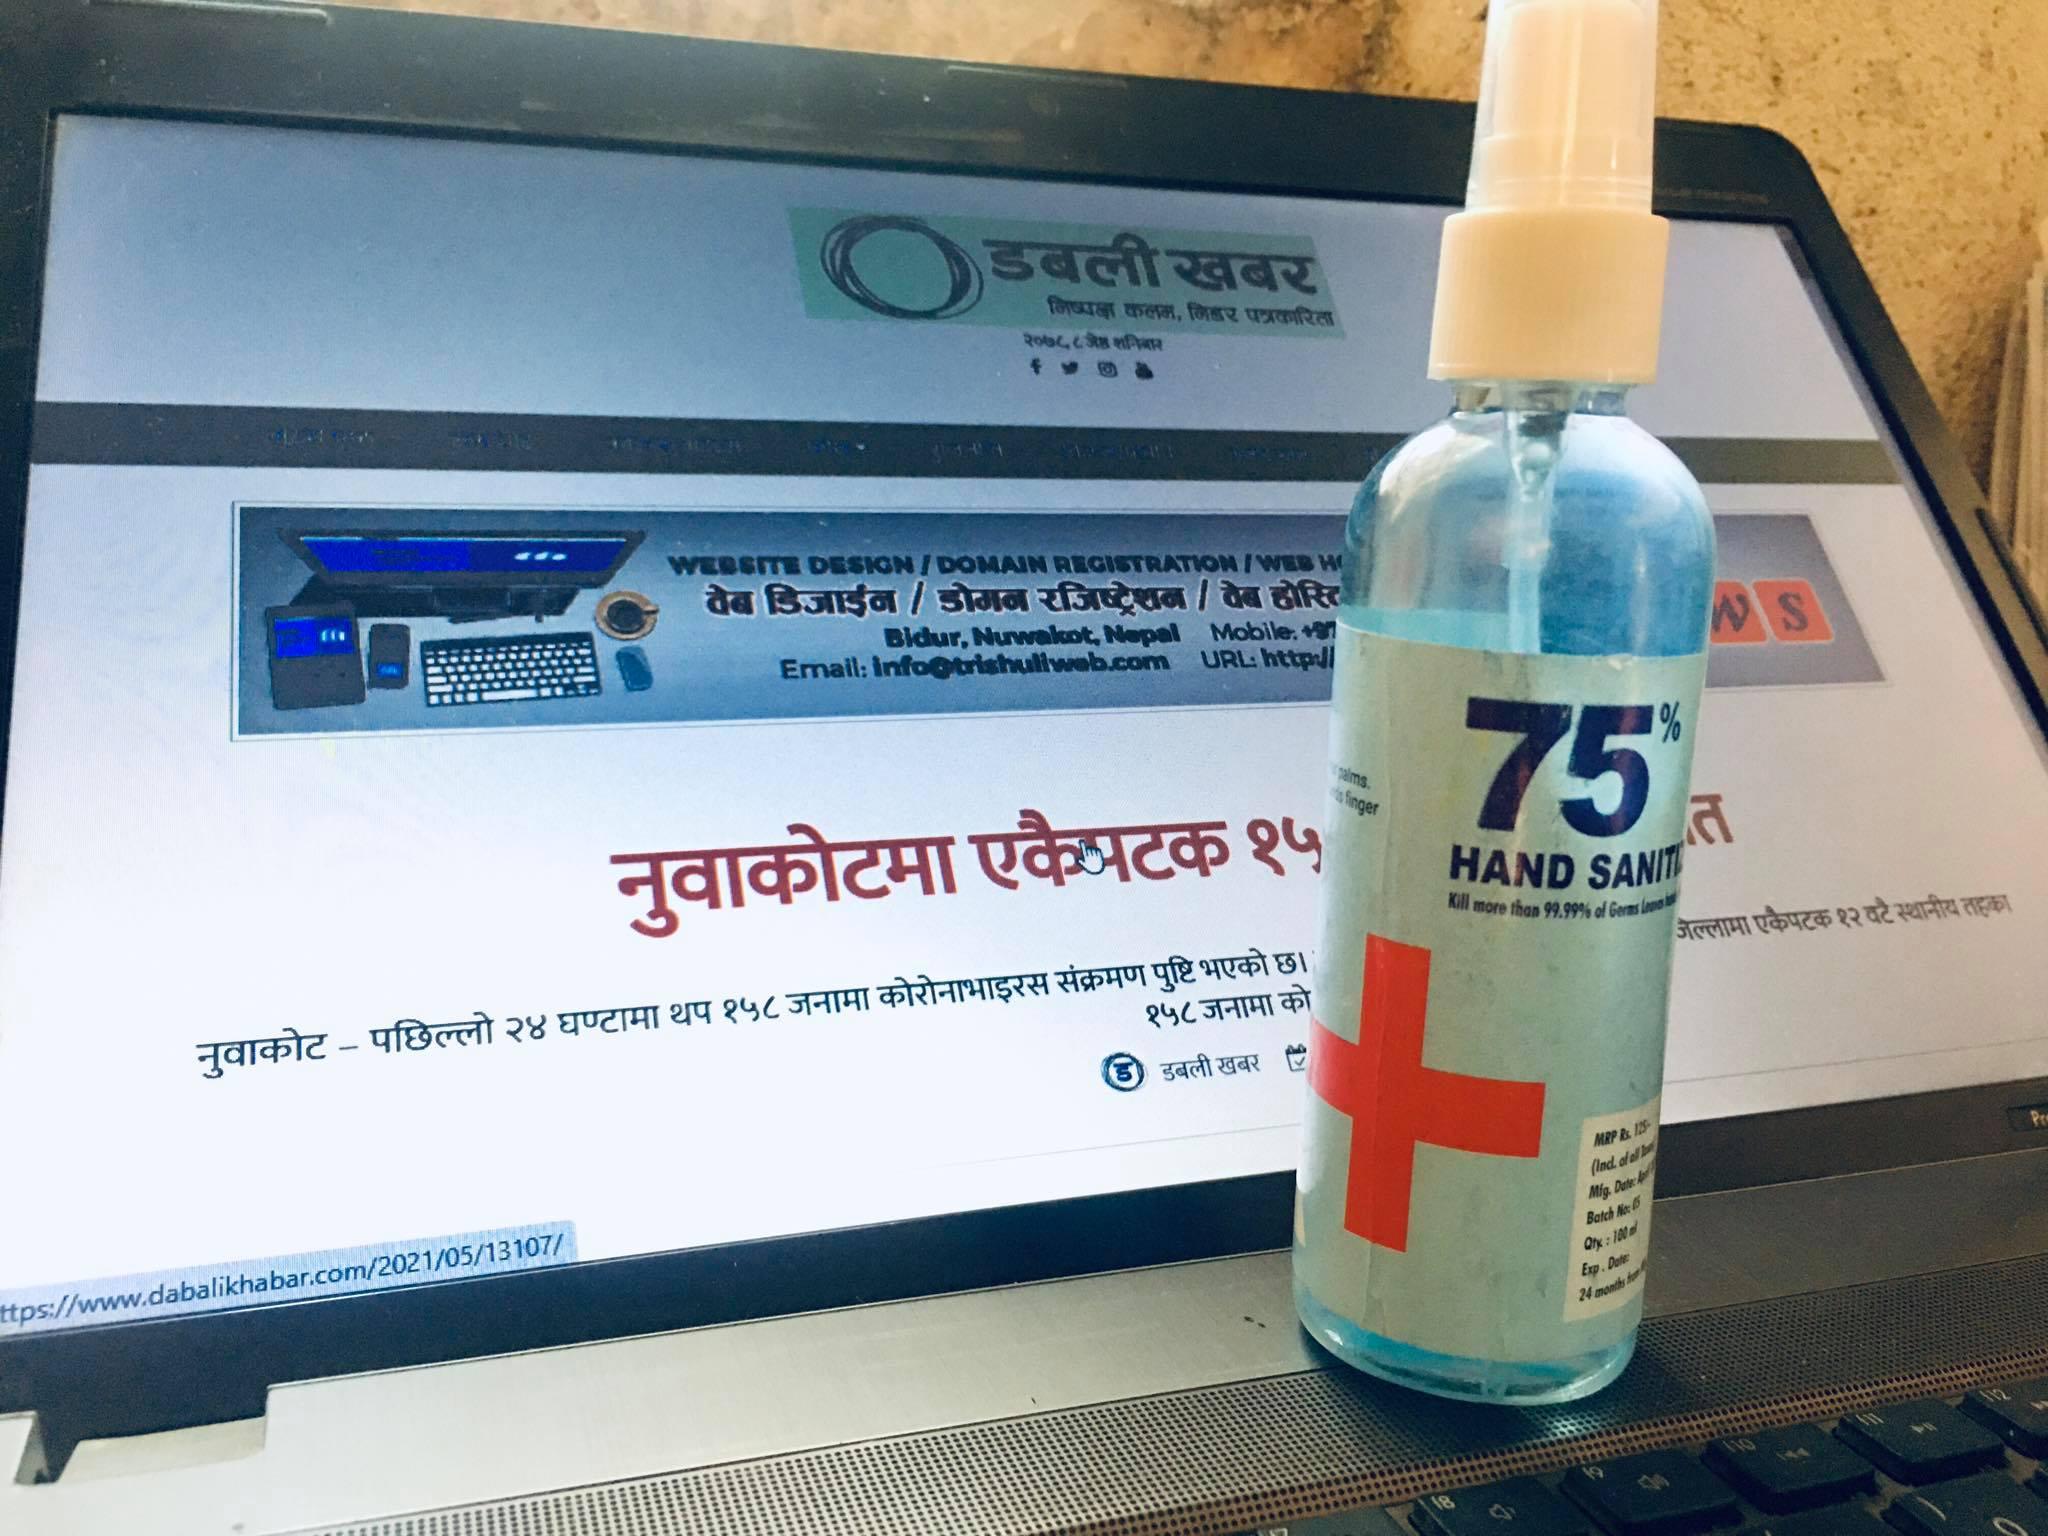 rcp duplicate sanitizer found in nuwakot